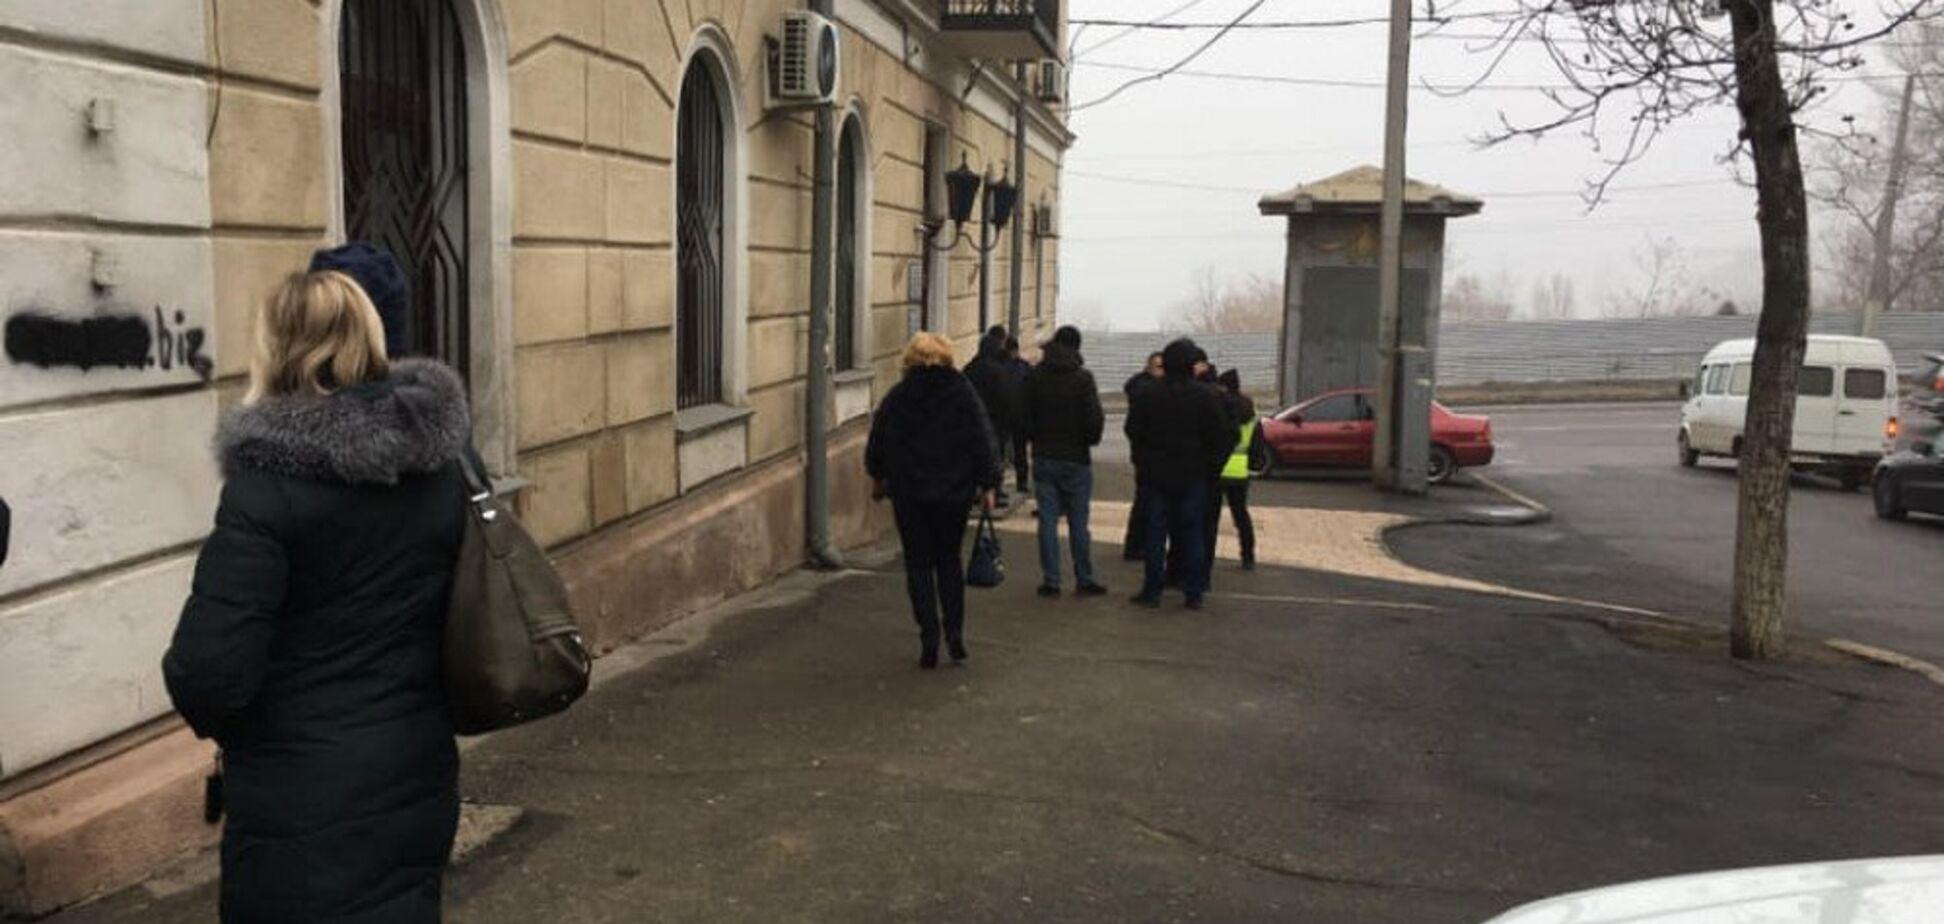 Увольняют сотрудников и рвут документы: в Одессе захватили университет